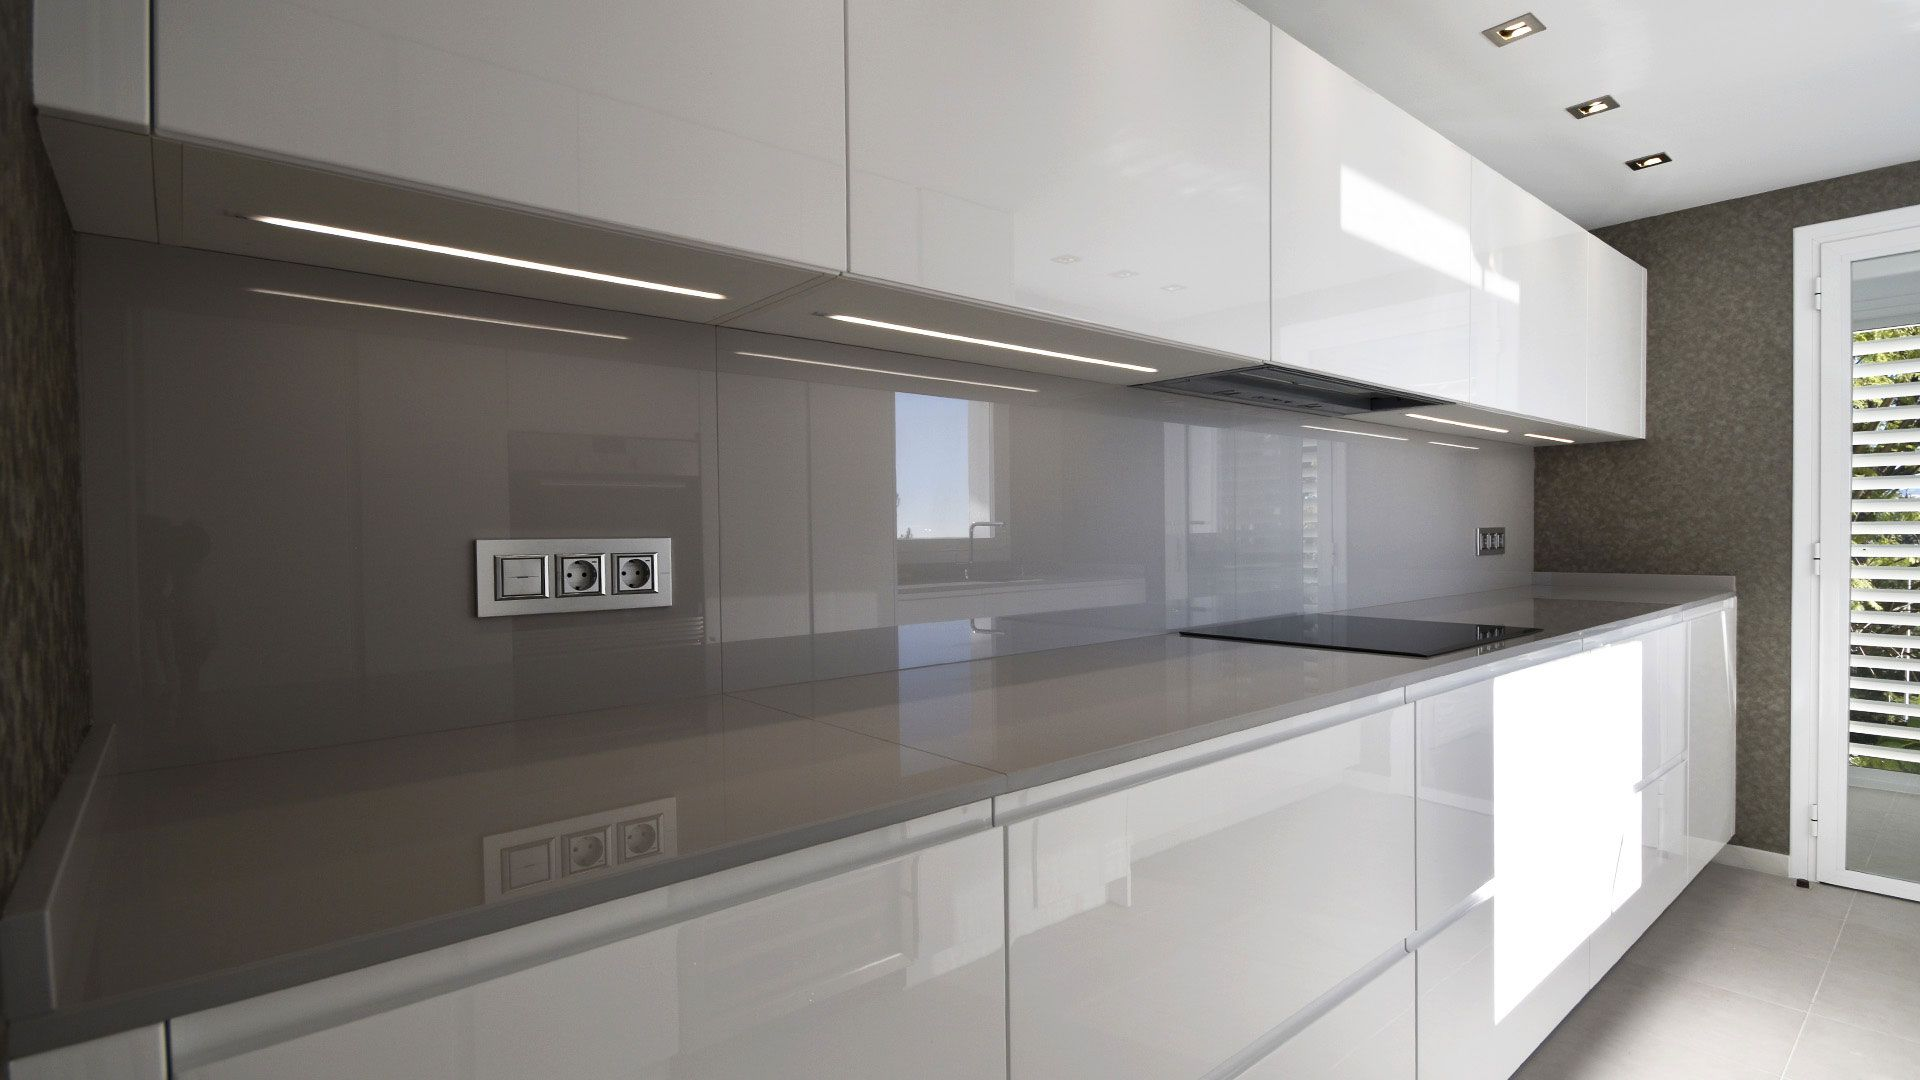 Cocina moderna muebles lacados en blanco alto brillo con for Encimera negra brillo